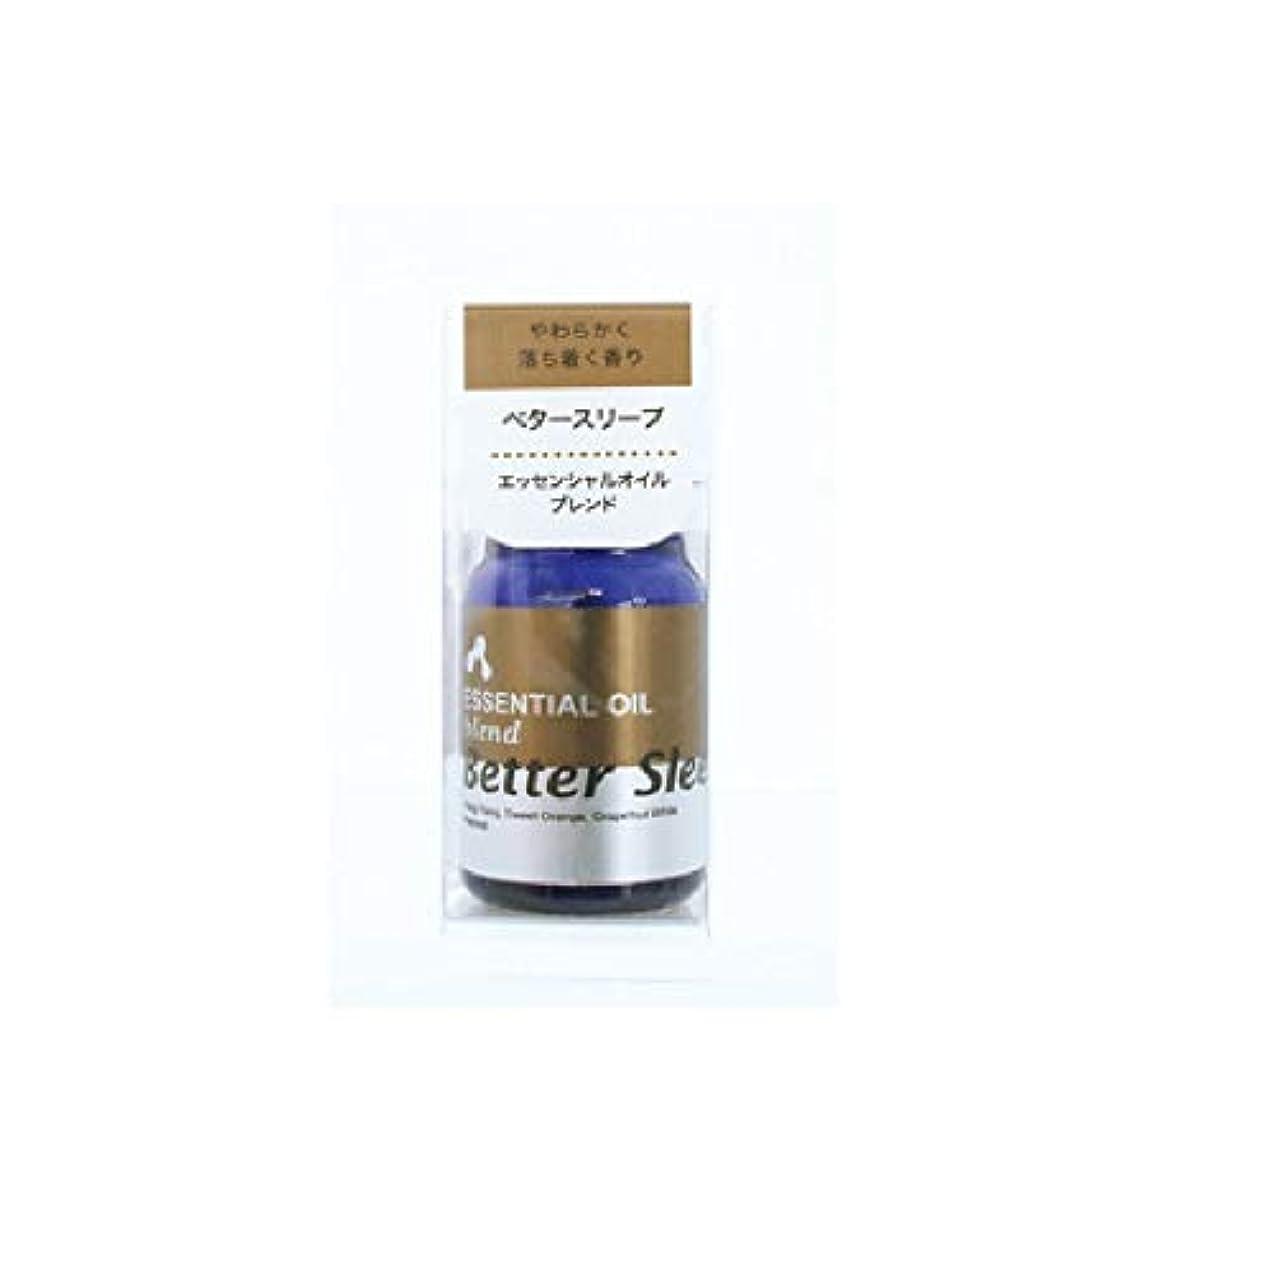 規制カリング酸素プチエッセンシャルオイル ベタースリープ